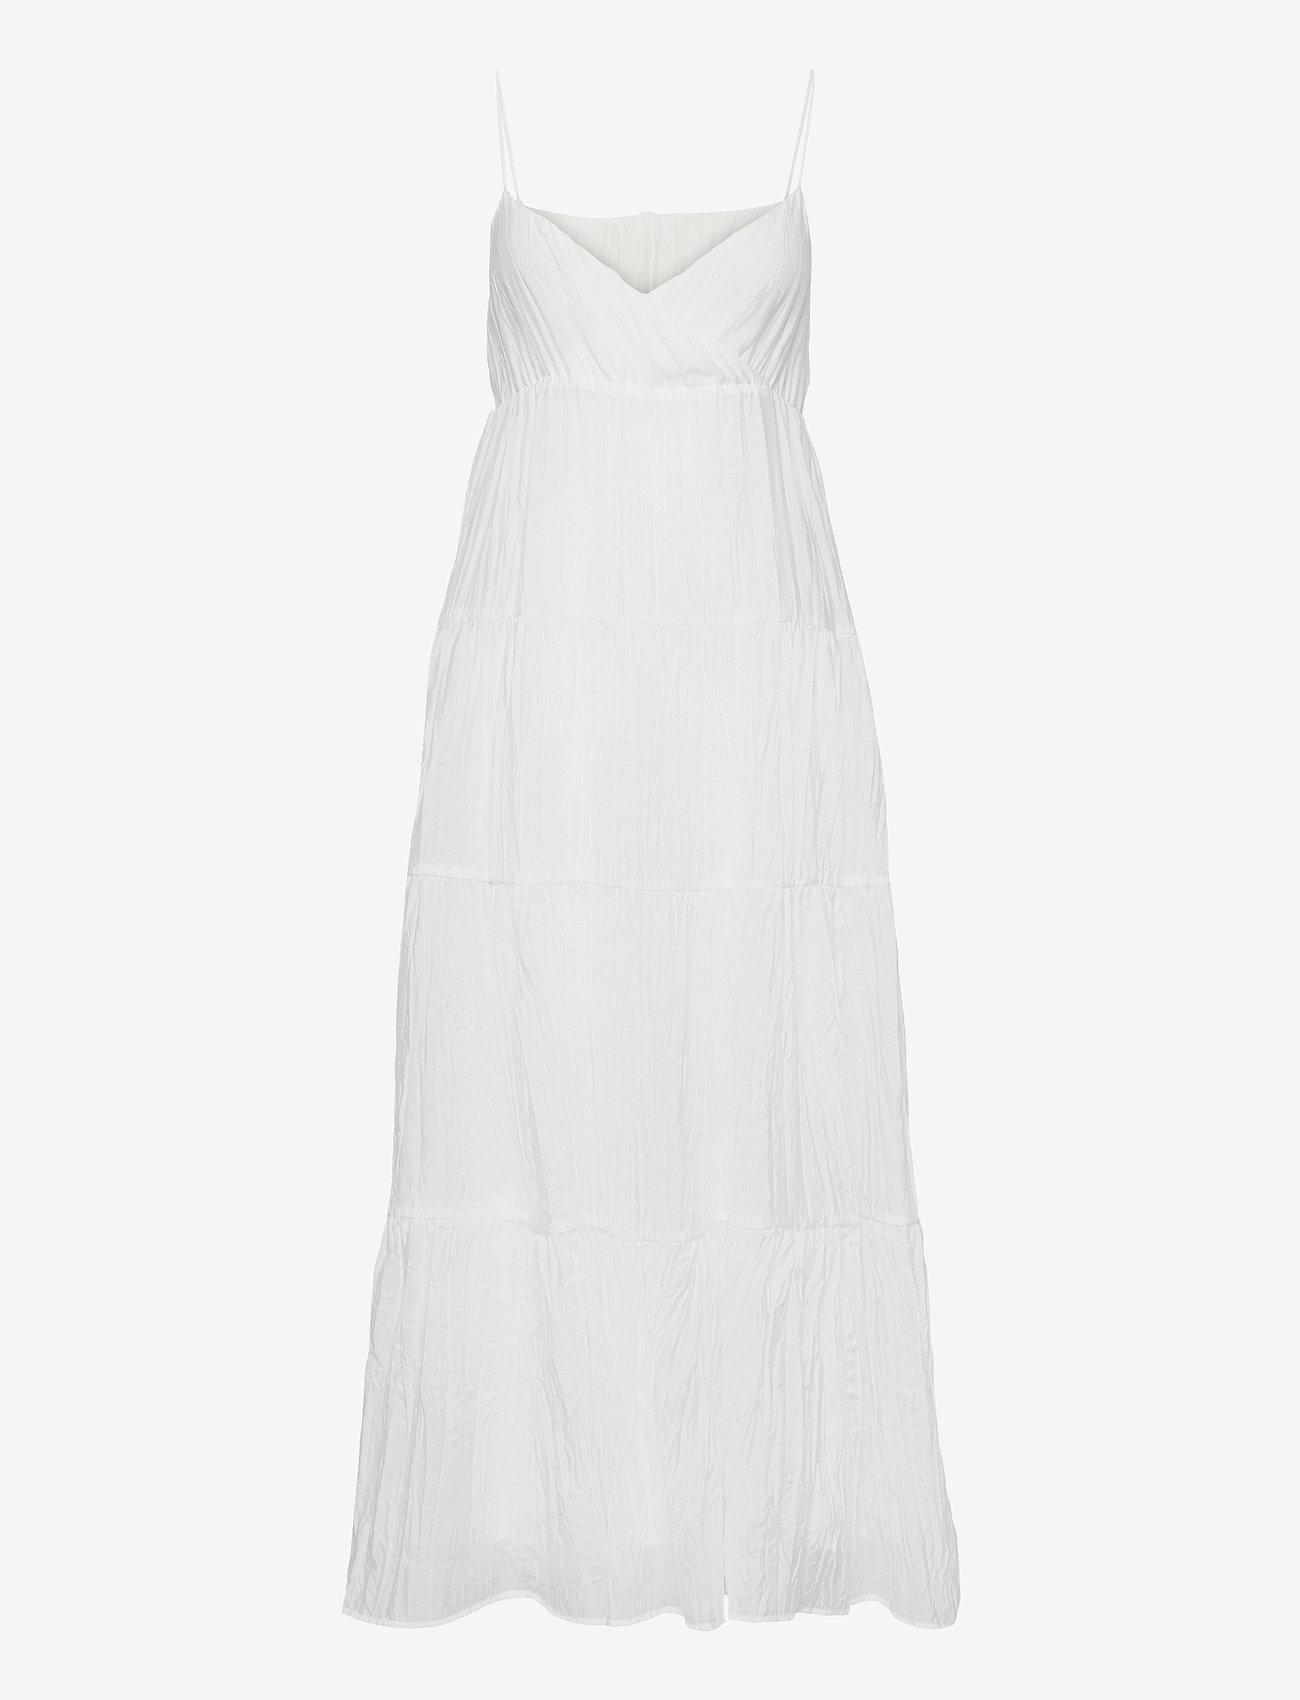 Pepe Jeans London - ANAE - sommerkjoler - white - 0